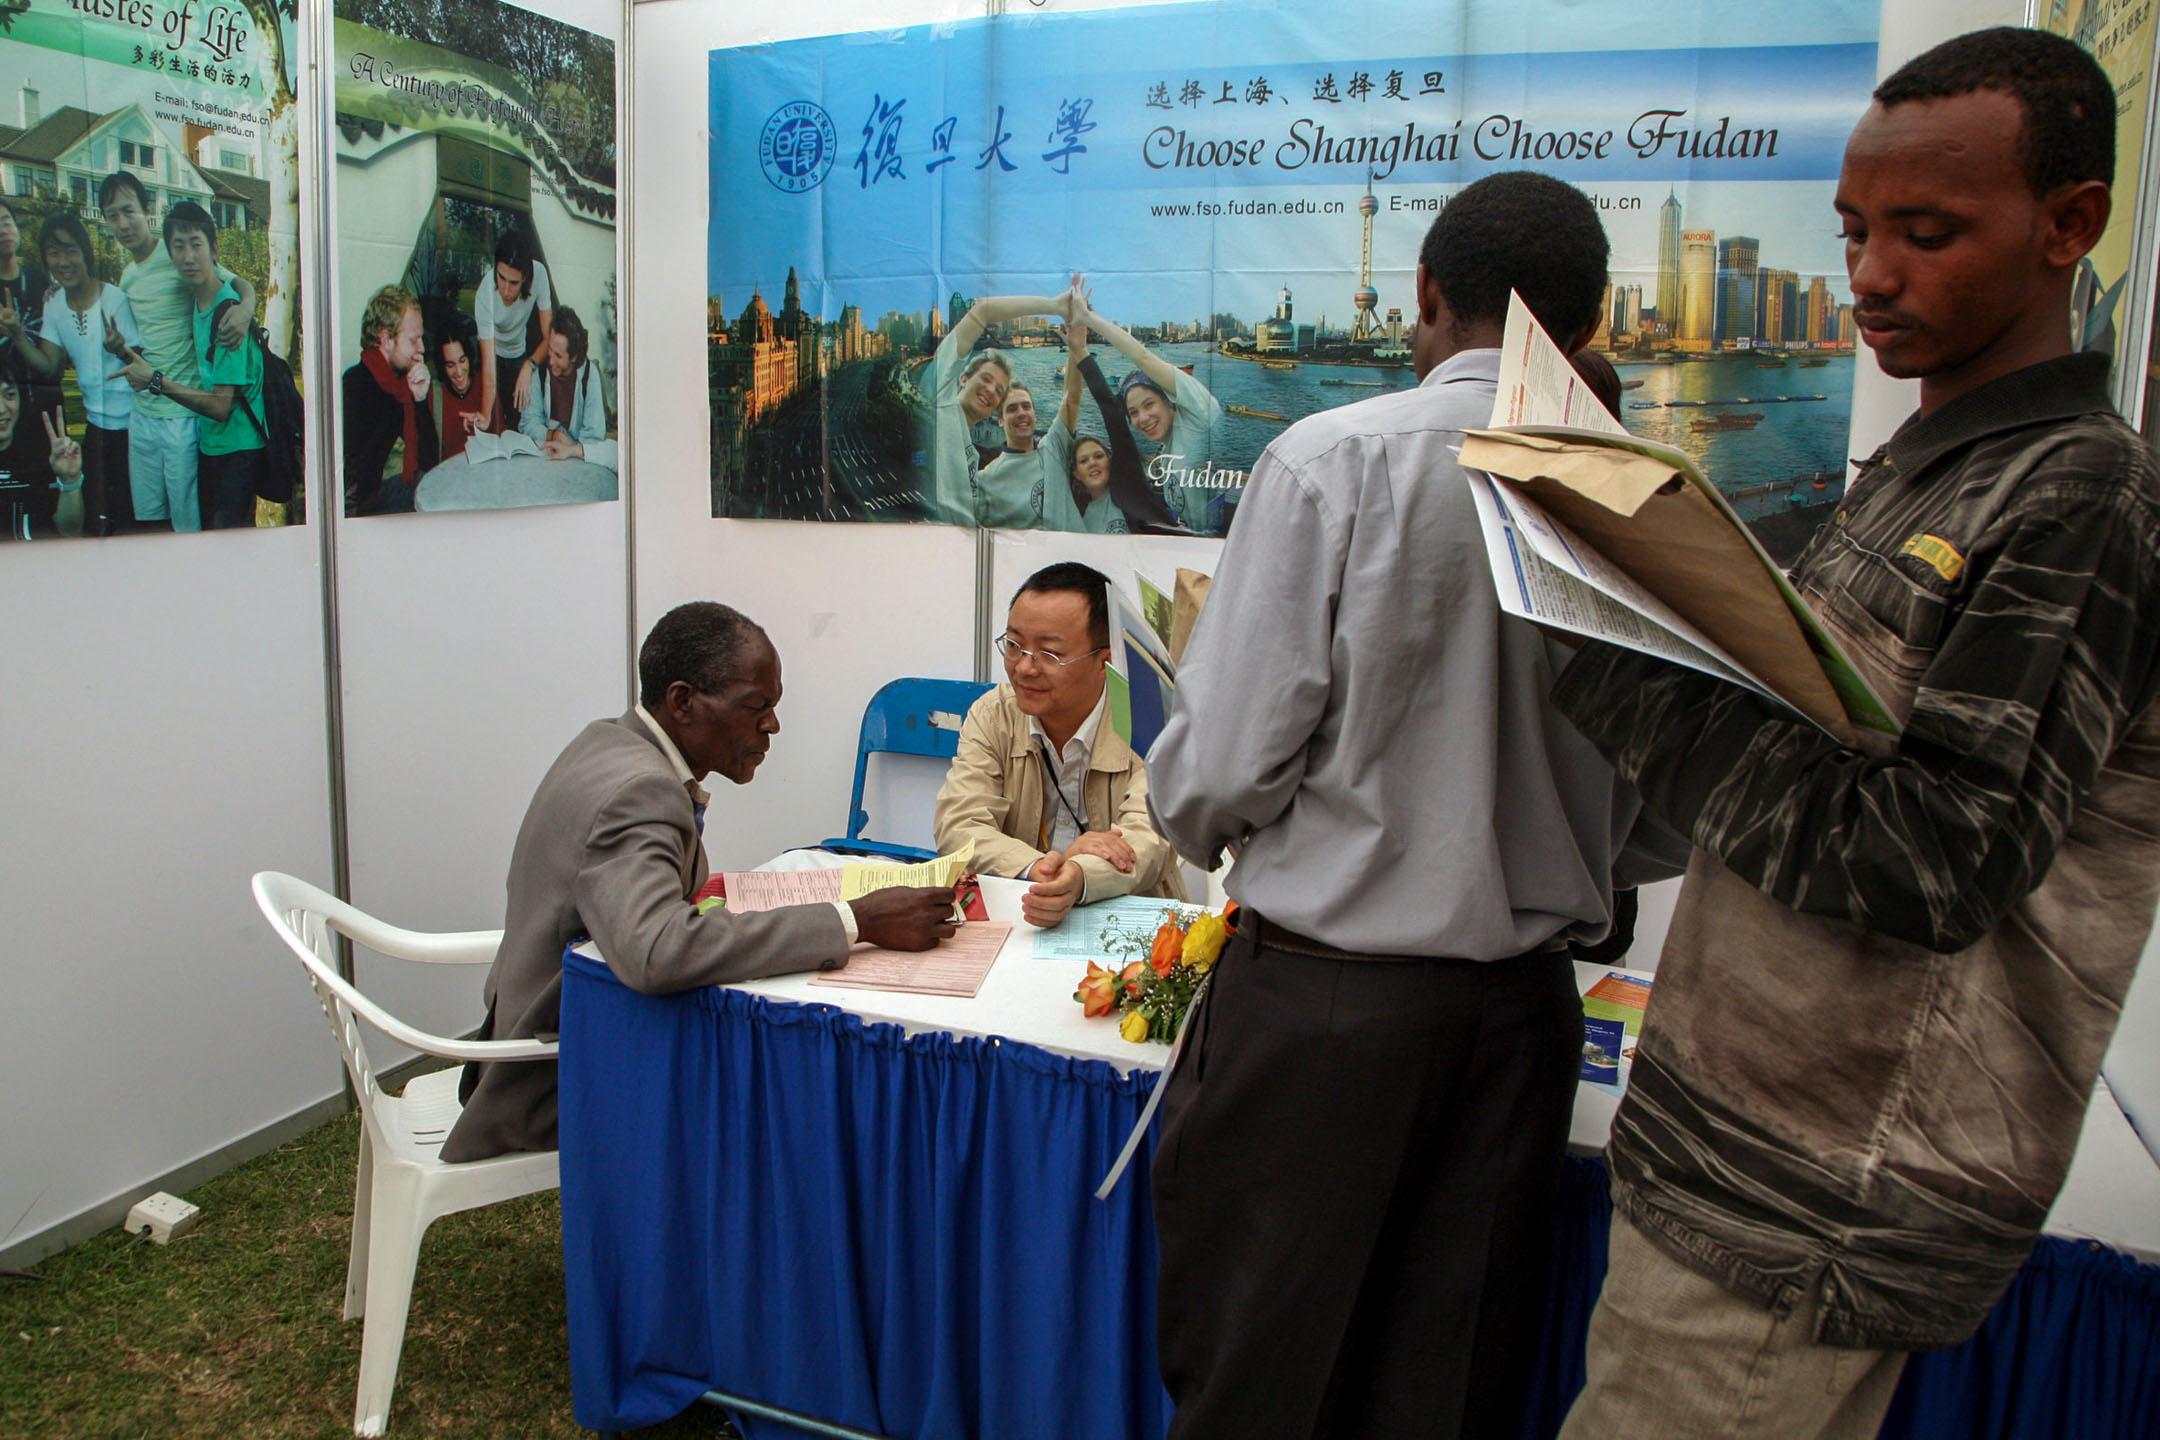 在肯亞內羅畢大學,一群肯亞學生正在參與一個中國教育展覽。 攝:Evelyn Hockstein/MCT/Tribune News Service via Getty Images